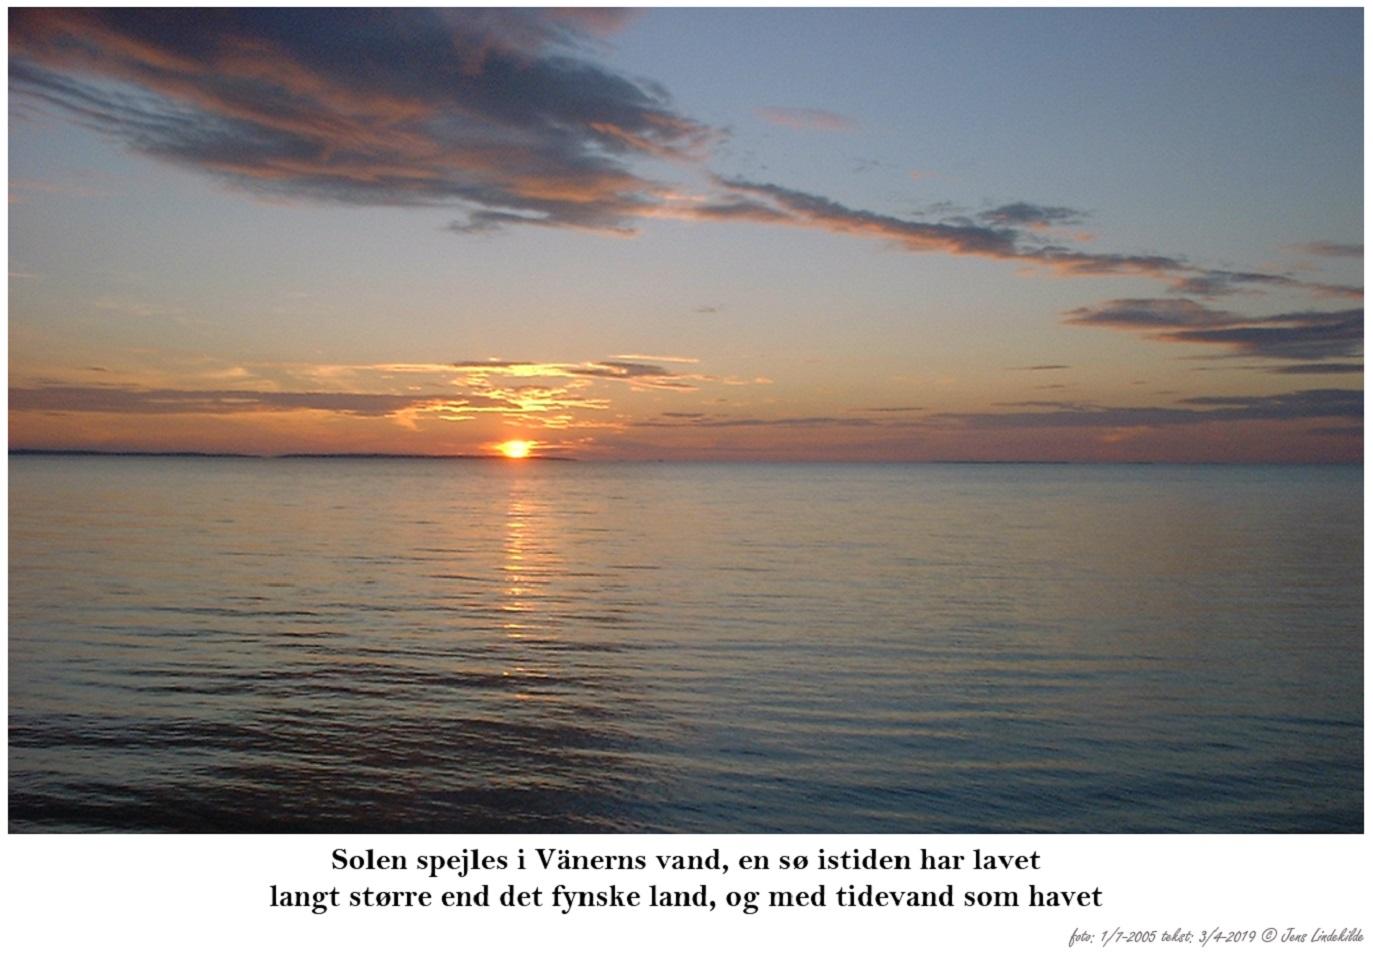 Solen-spejles-i-Vänerns-vand